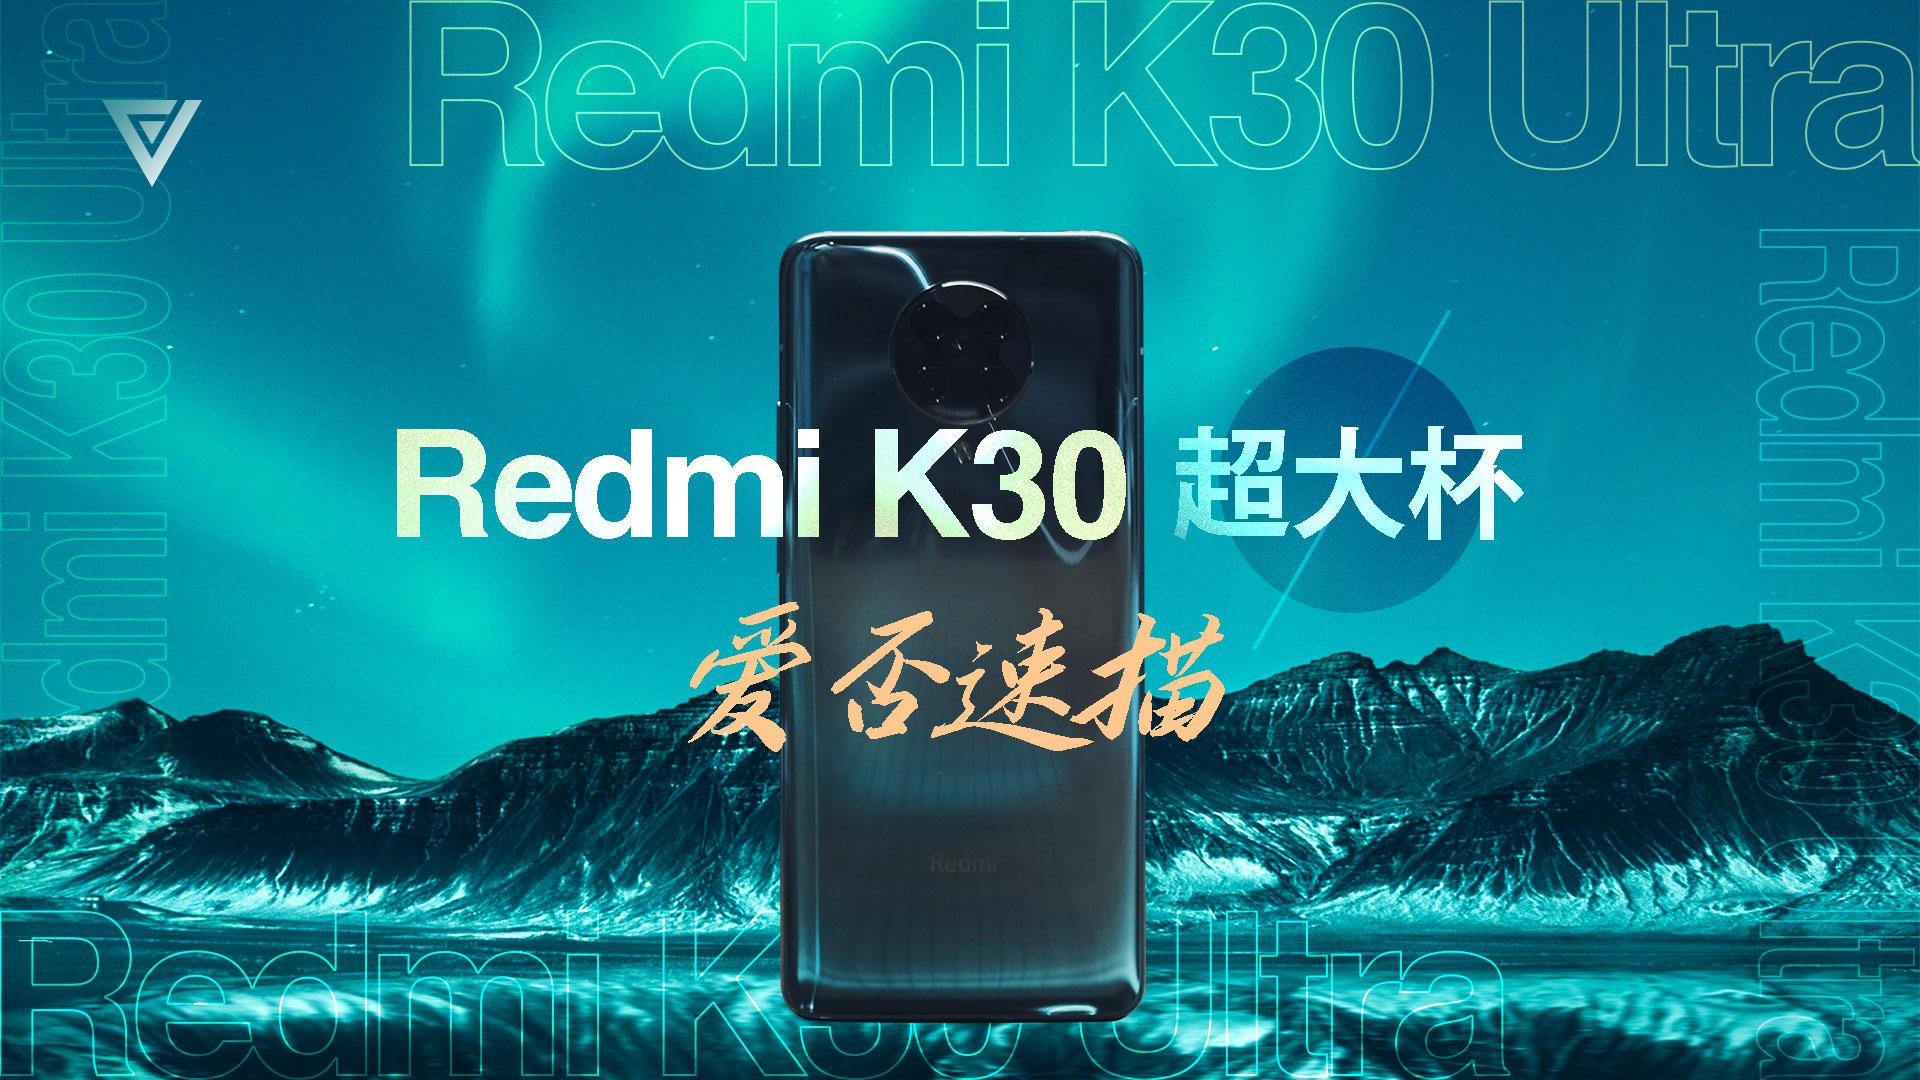 【爱否速描】Redmi K30 至尊纪念版 1999 永远滴神?